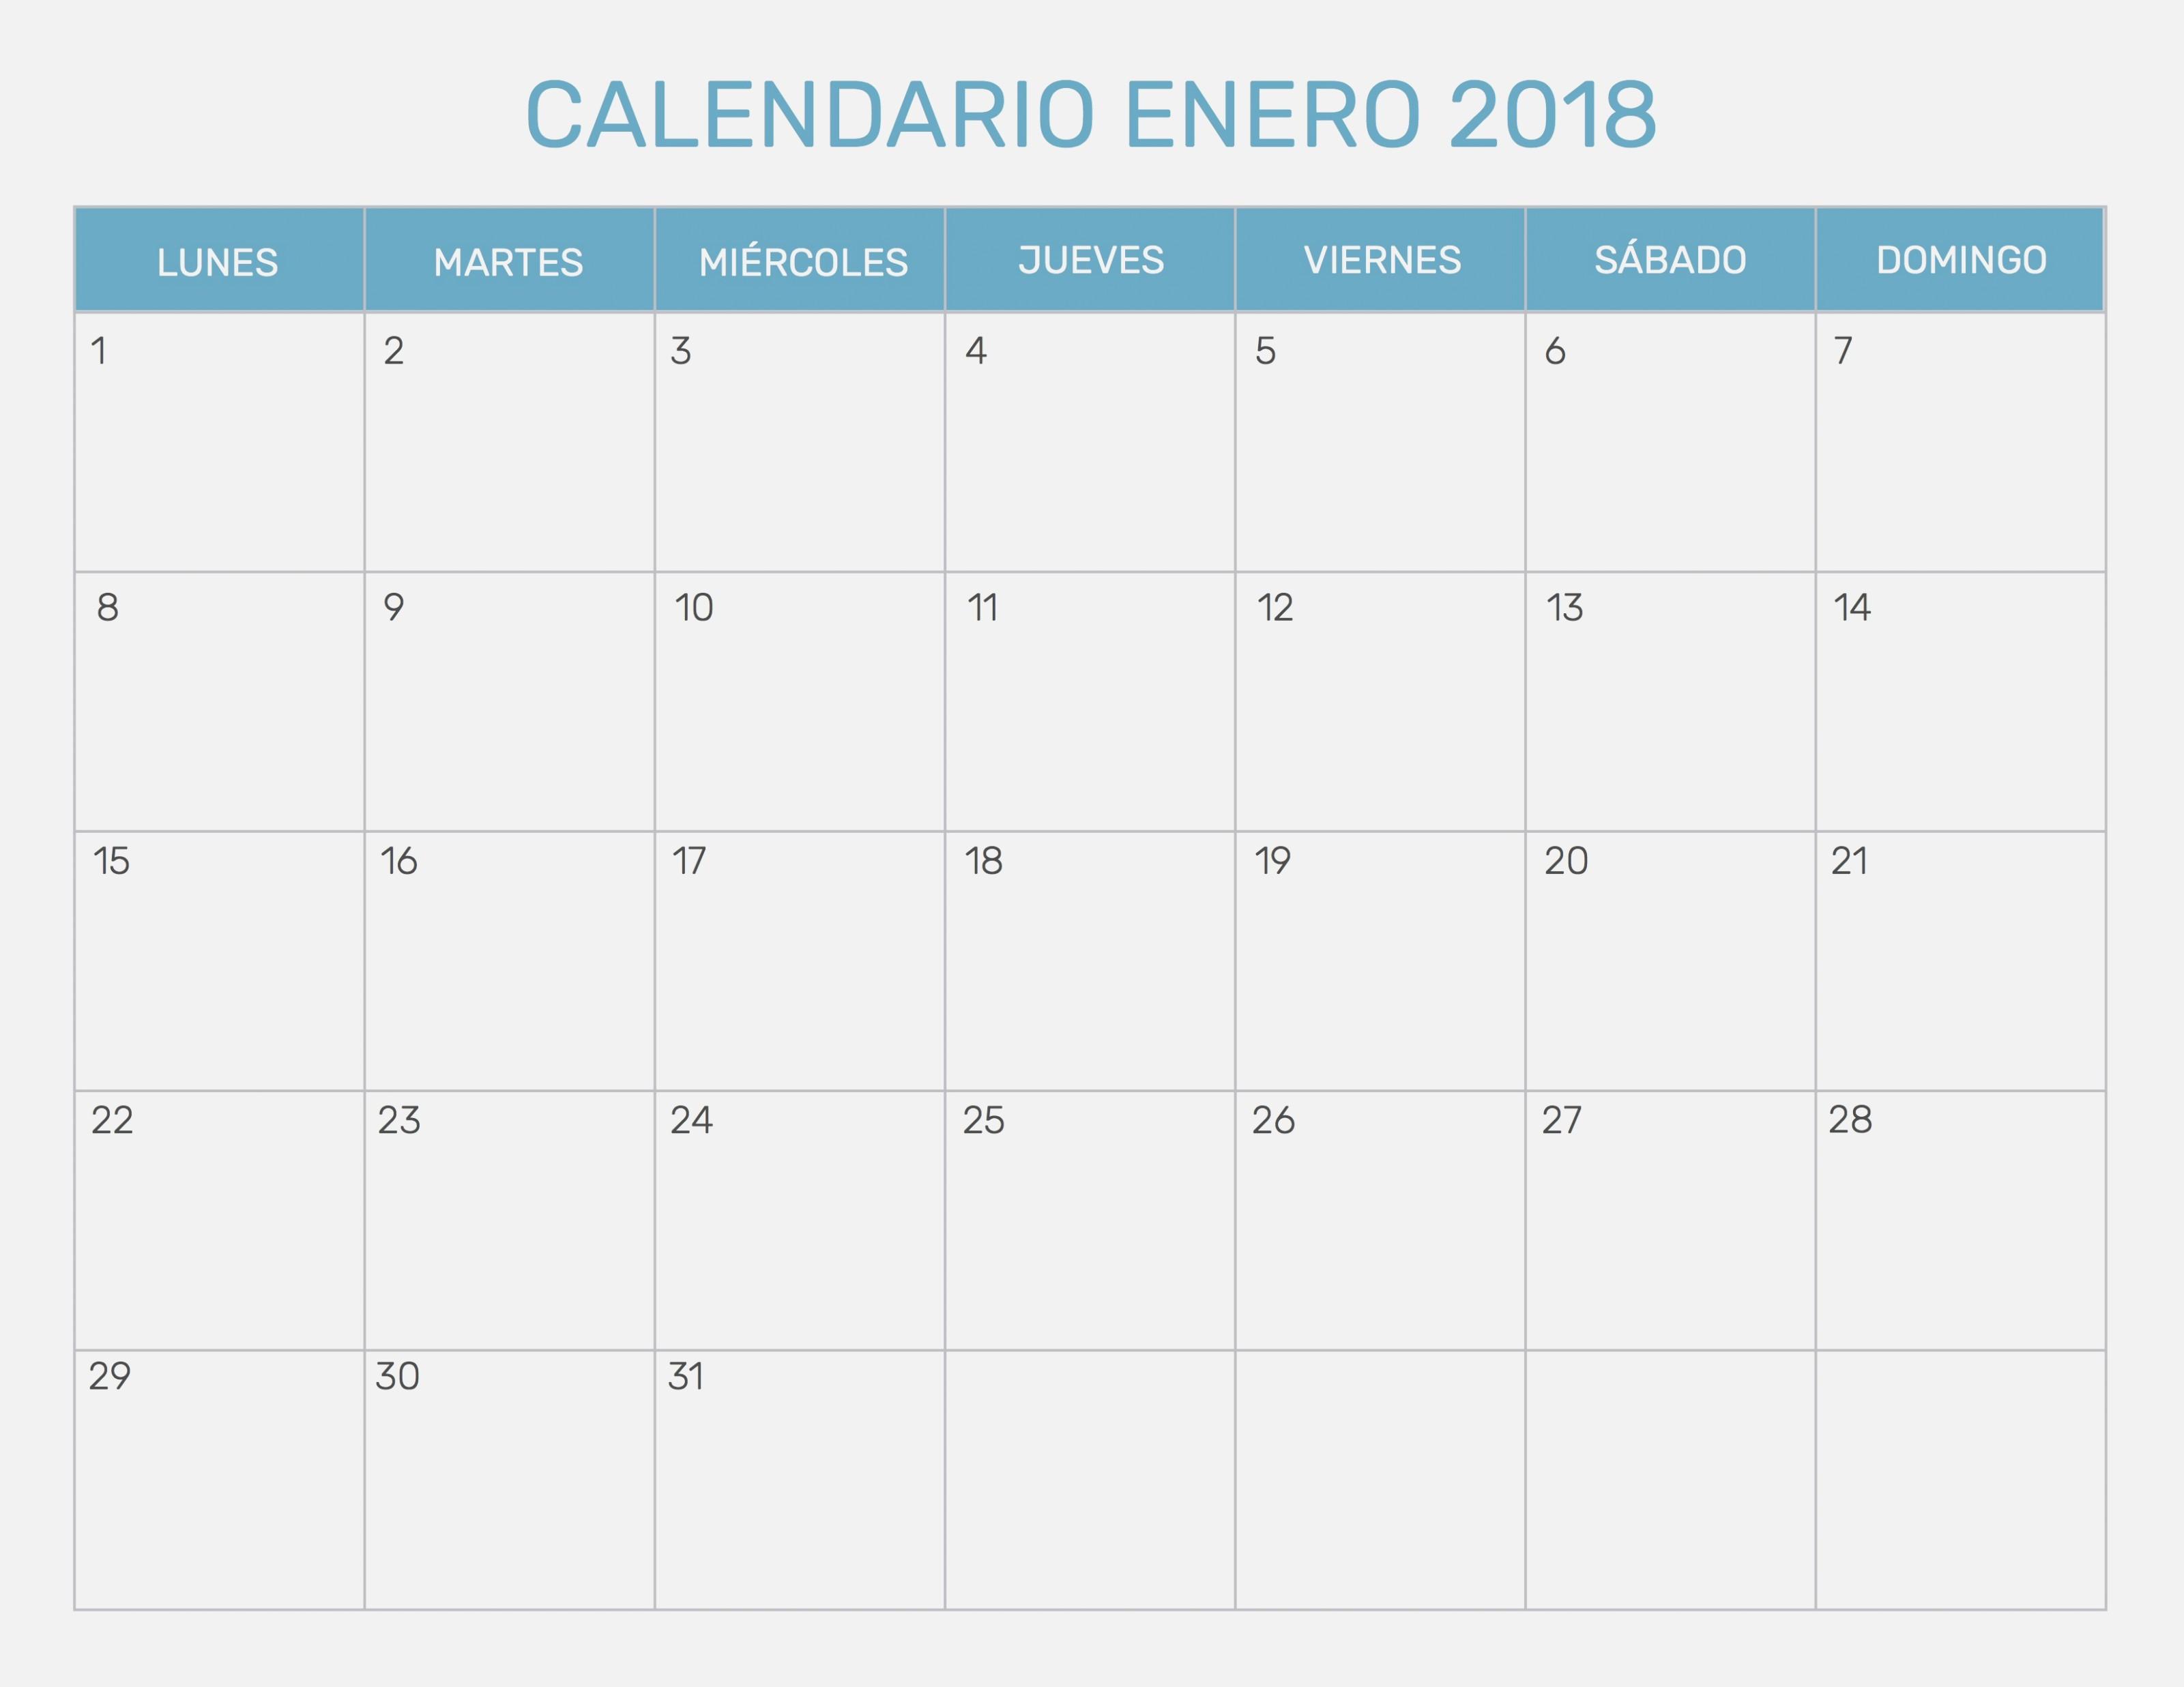 Calendario Para Imprimir Abril De 2019 Más Actual La Verdad sobre El Calendario 52 Meses Vista Está A Punto De Ser Of Calendario Para Imprimir Abril De 2019 Más Actual Calendario 2018 Con Festivos